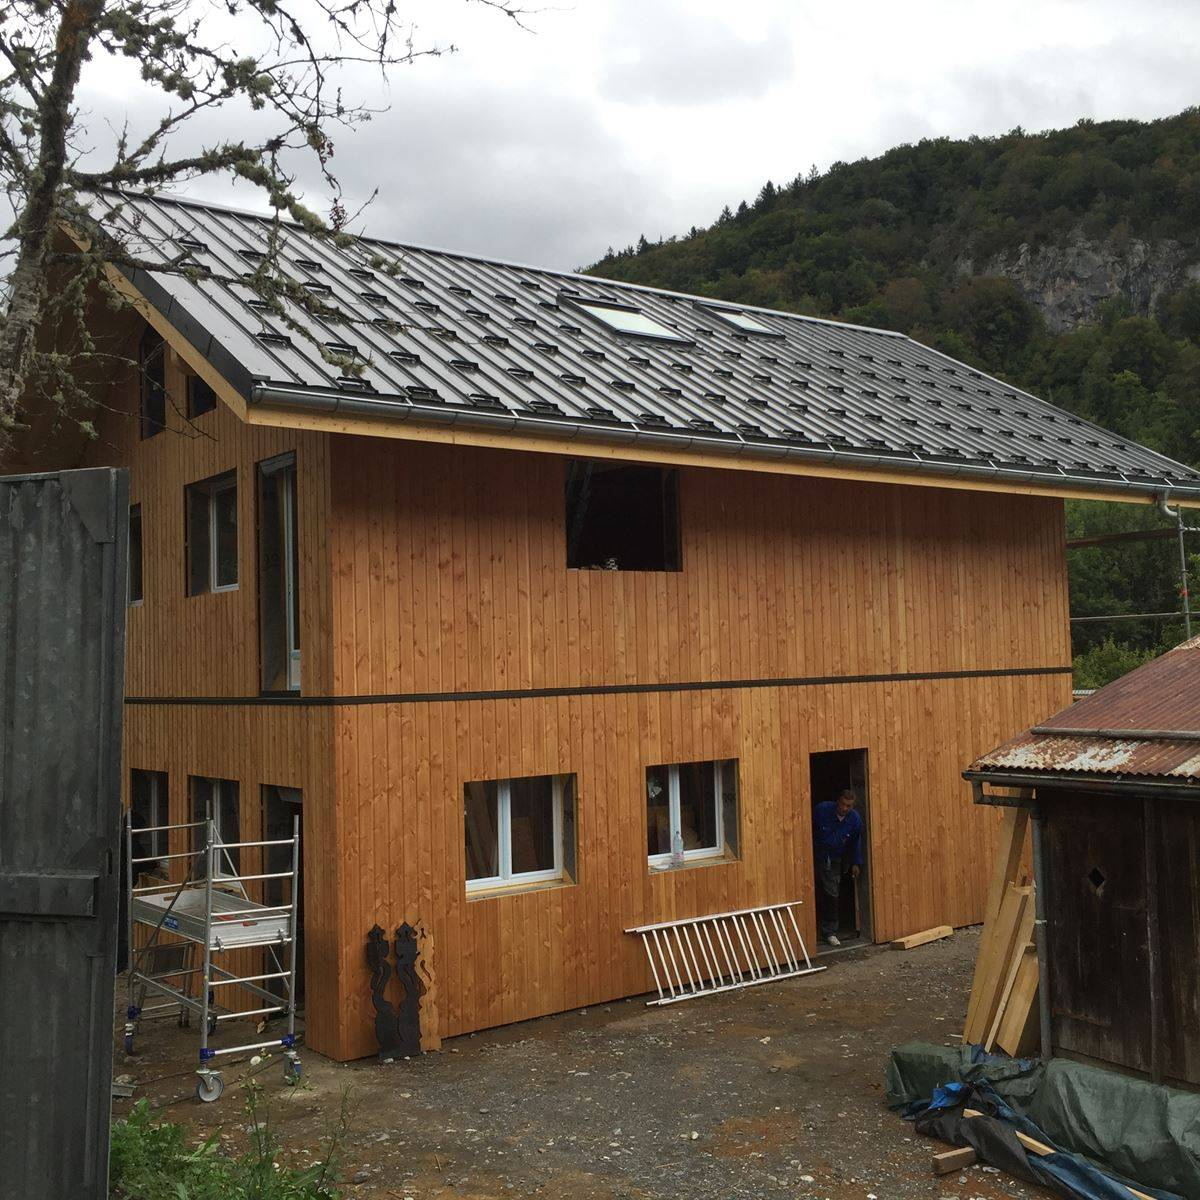 Maison En Bois Annecy maison bois près de saint joire haute savoie - charpentier